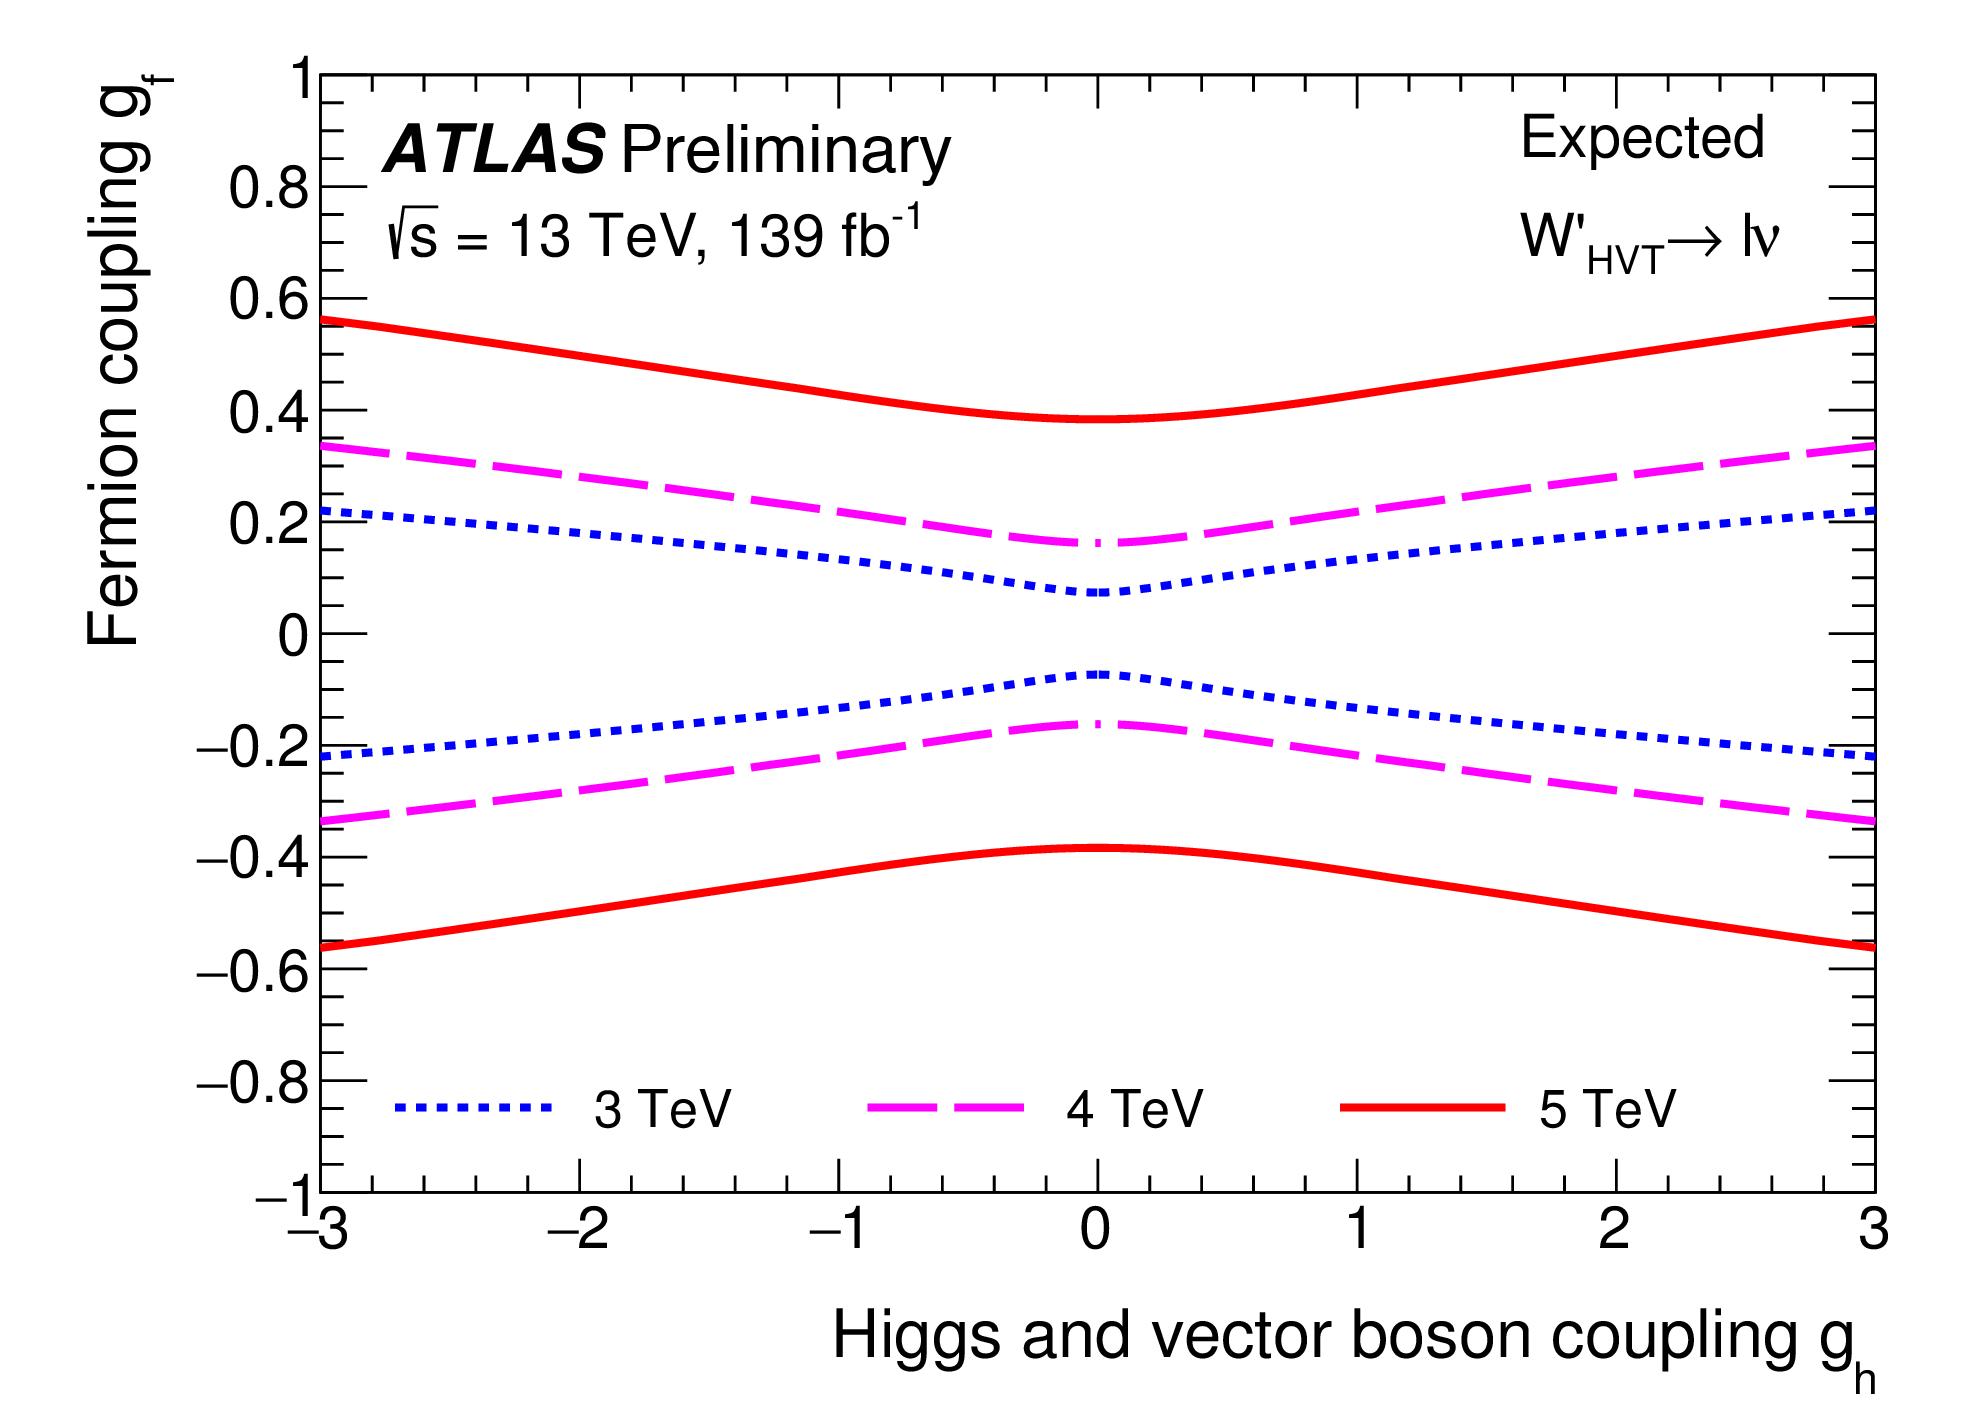 https://atlas.web.cern.ch/Atlas/GROUPS/PHYSICS/CombinedSummaryPlots/EXOTICS/ATLAS_HVT_lv_Summary_gf_gh_exp/ATLAS_HVT_lv_Summary_gf_gh_exp.png